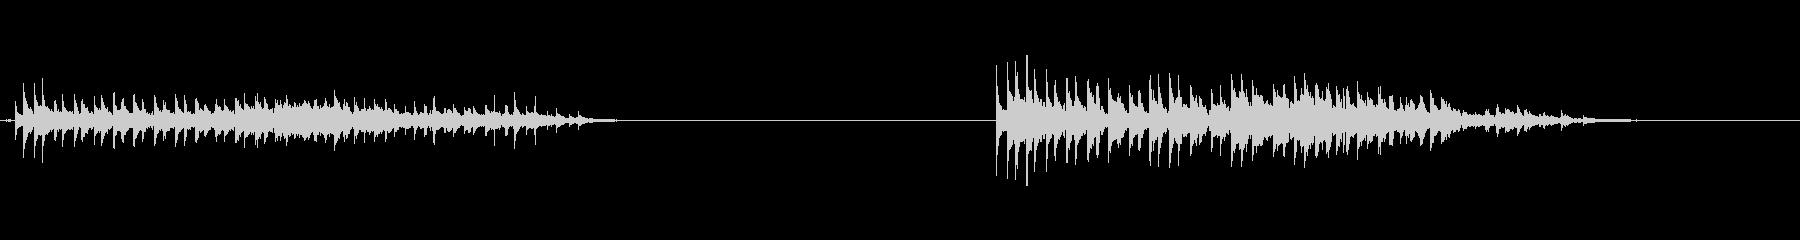 フレキシトーン:振動ラトル、下降の未再生の波形